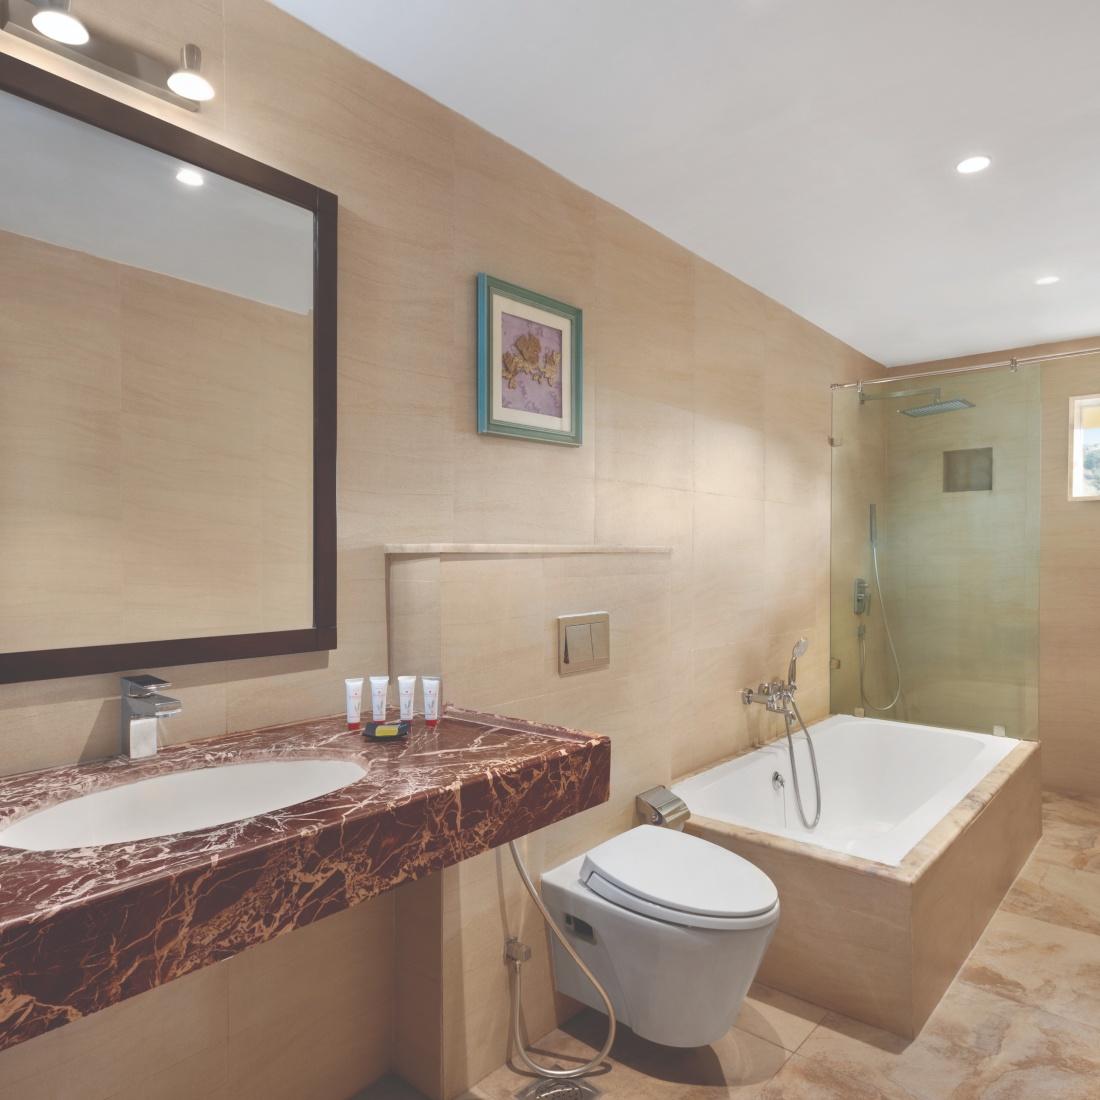 regal suite at Raajsa Resort Kumbhalgarh 2